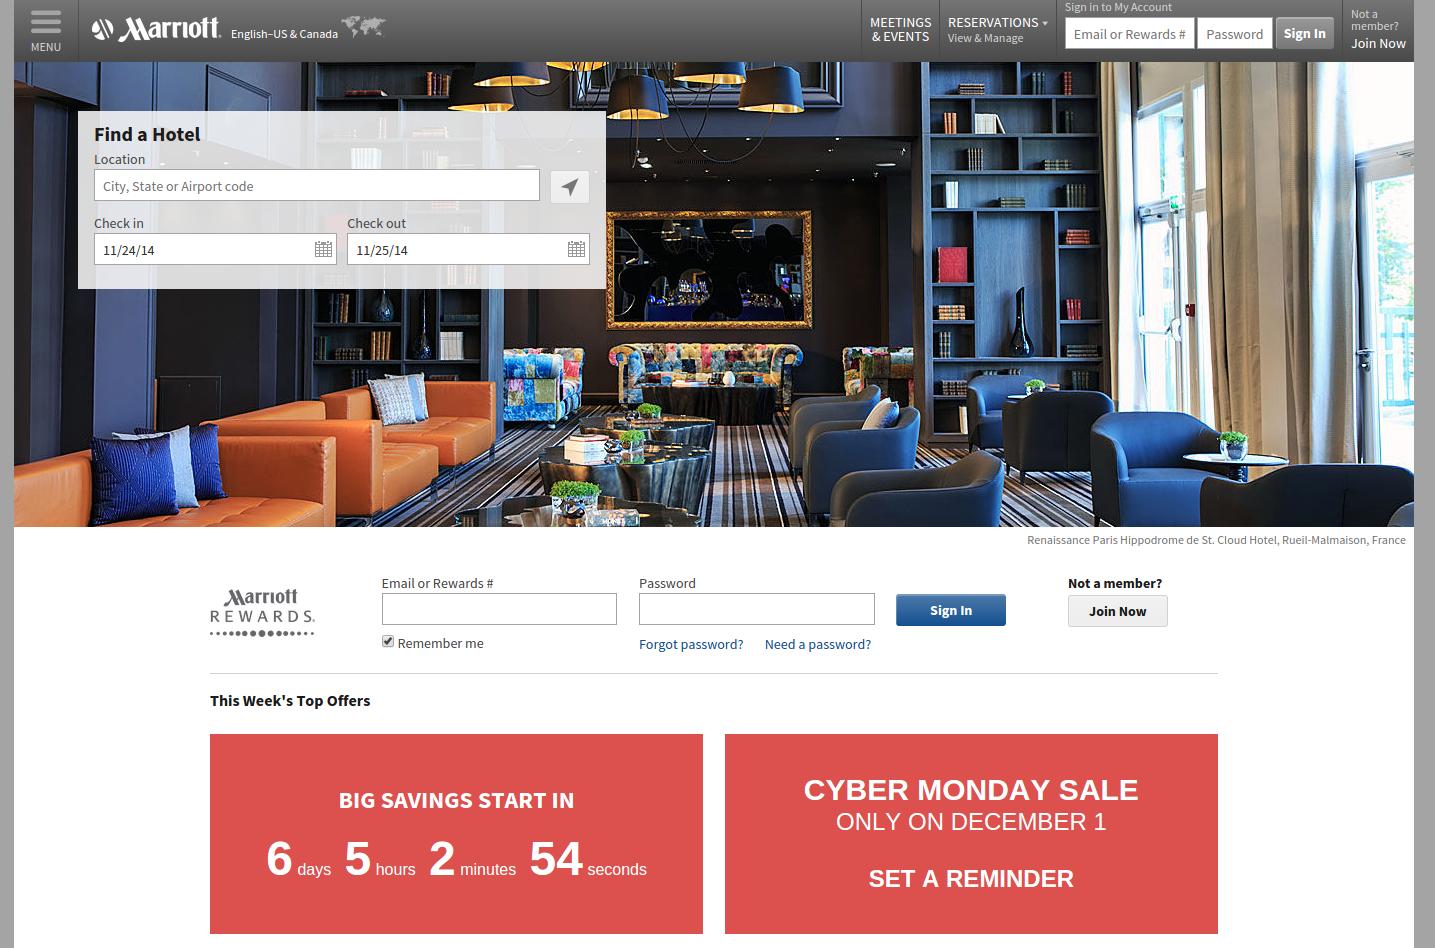 Marriott International - Us screenshot